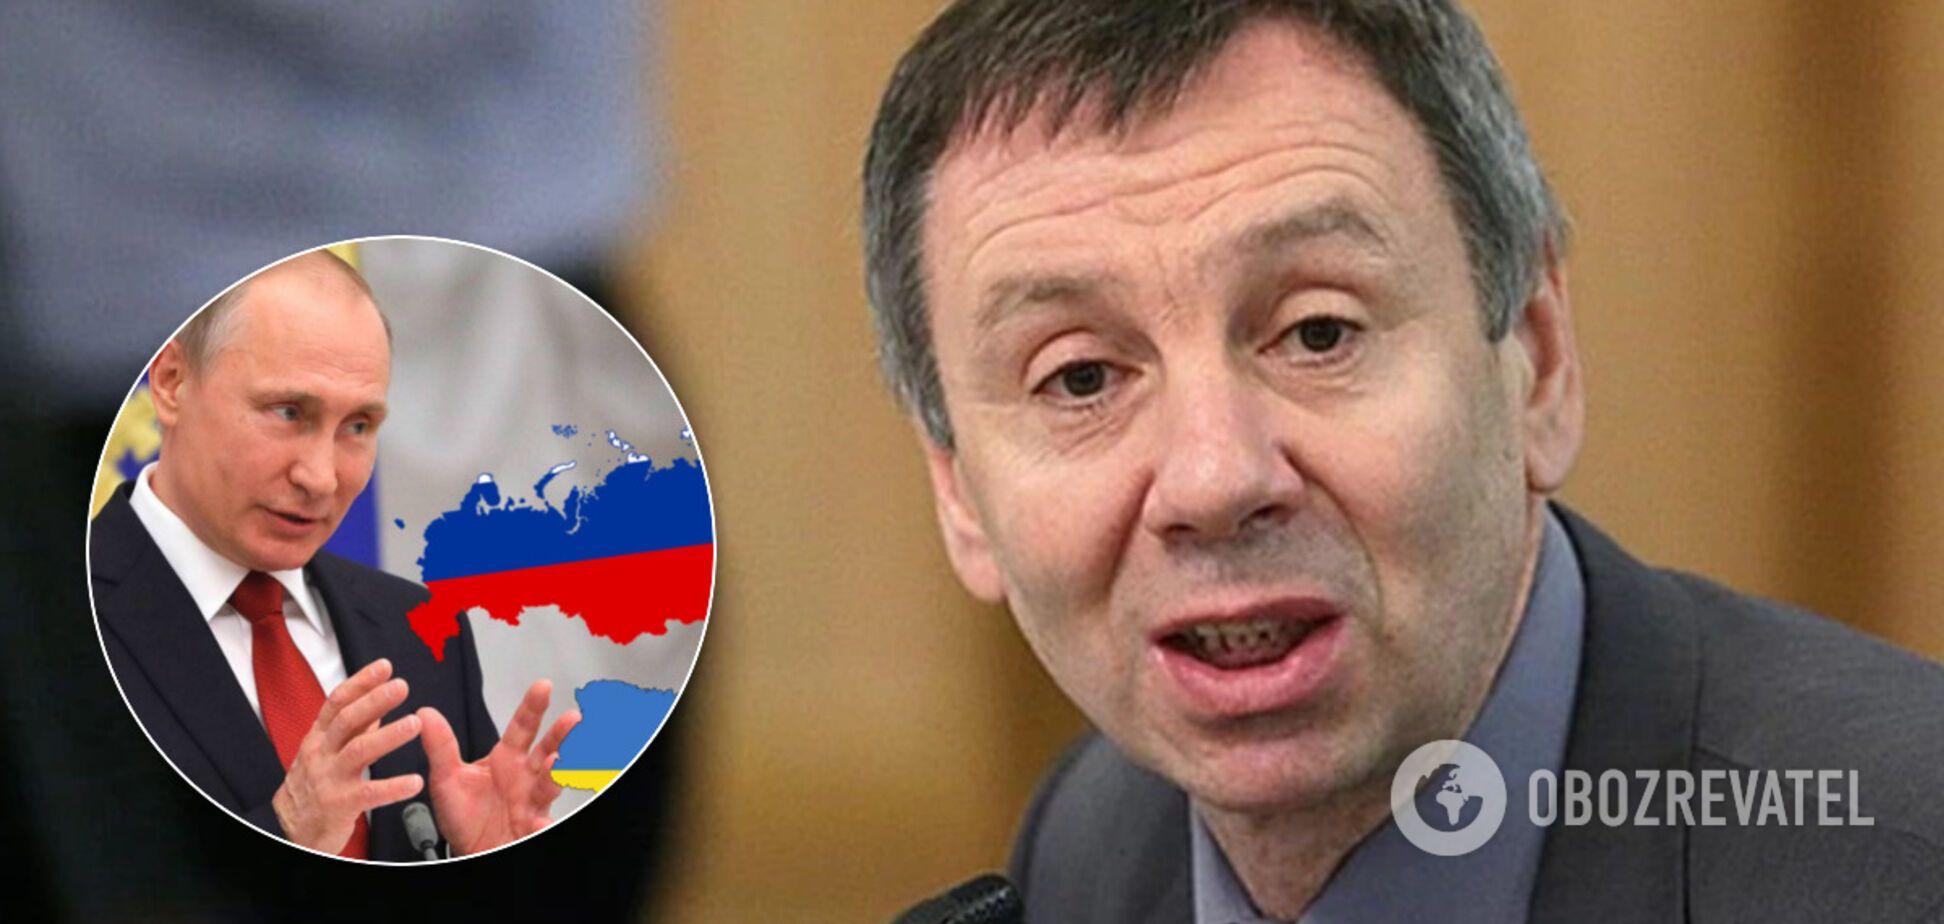 Людина Путіна відзначилася скандальною заявою про 'русофобські настрої' в Україні